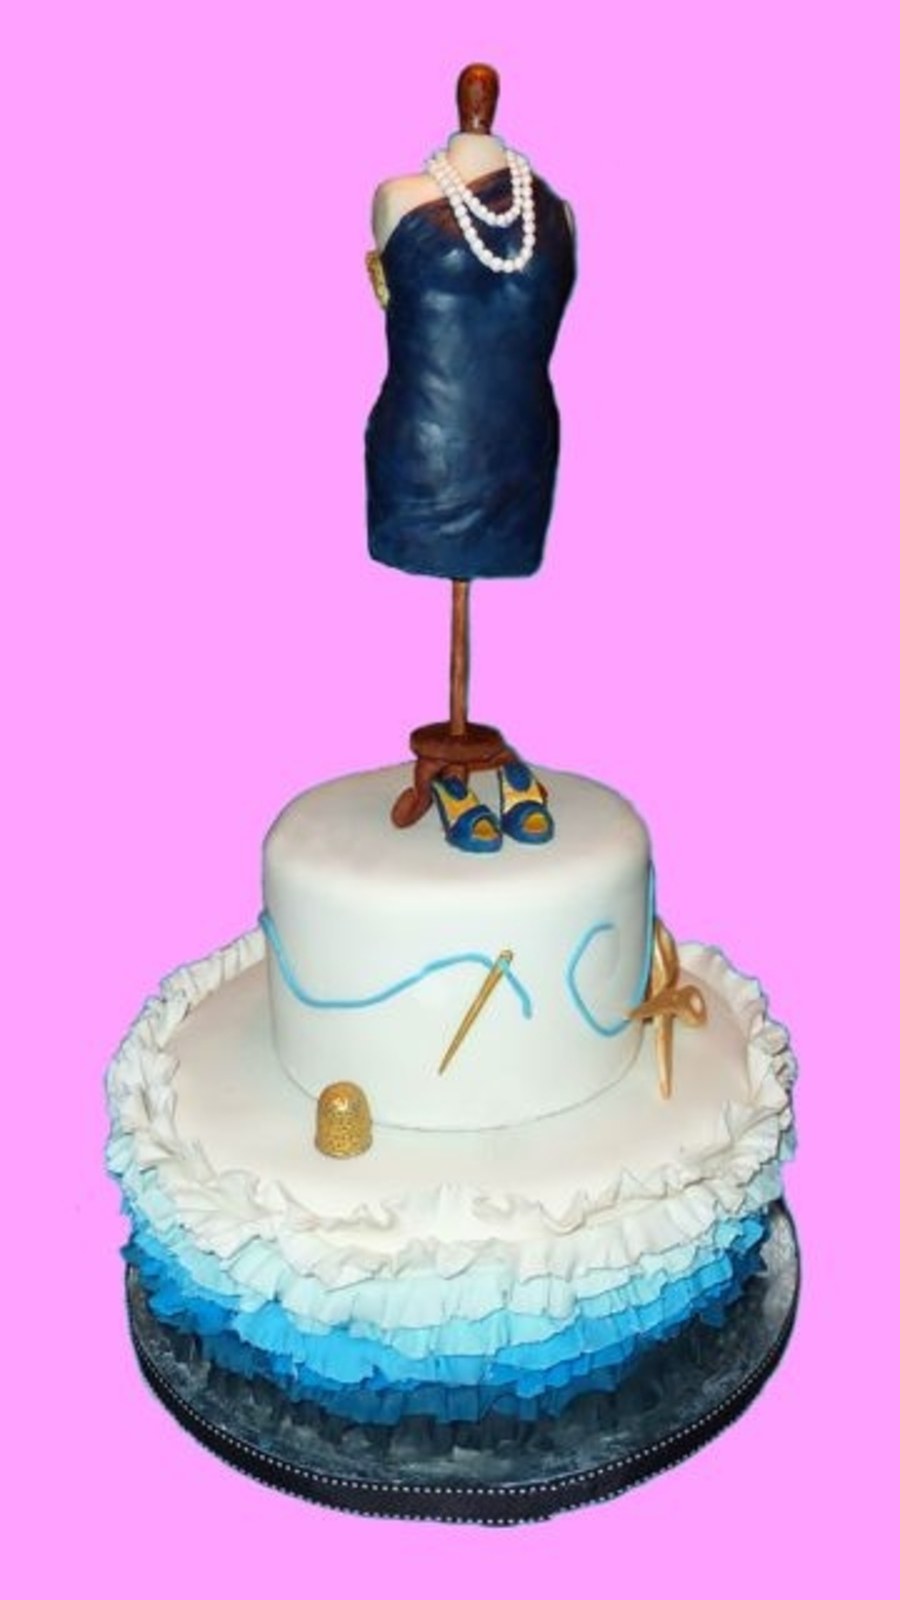 Cake For A Chic Dress Designer Cakecentral Com